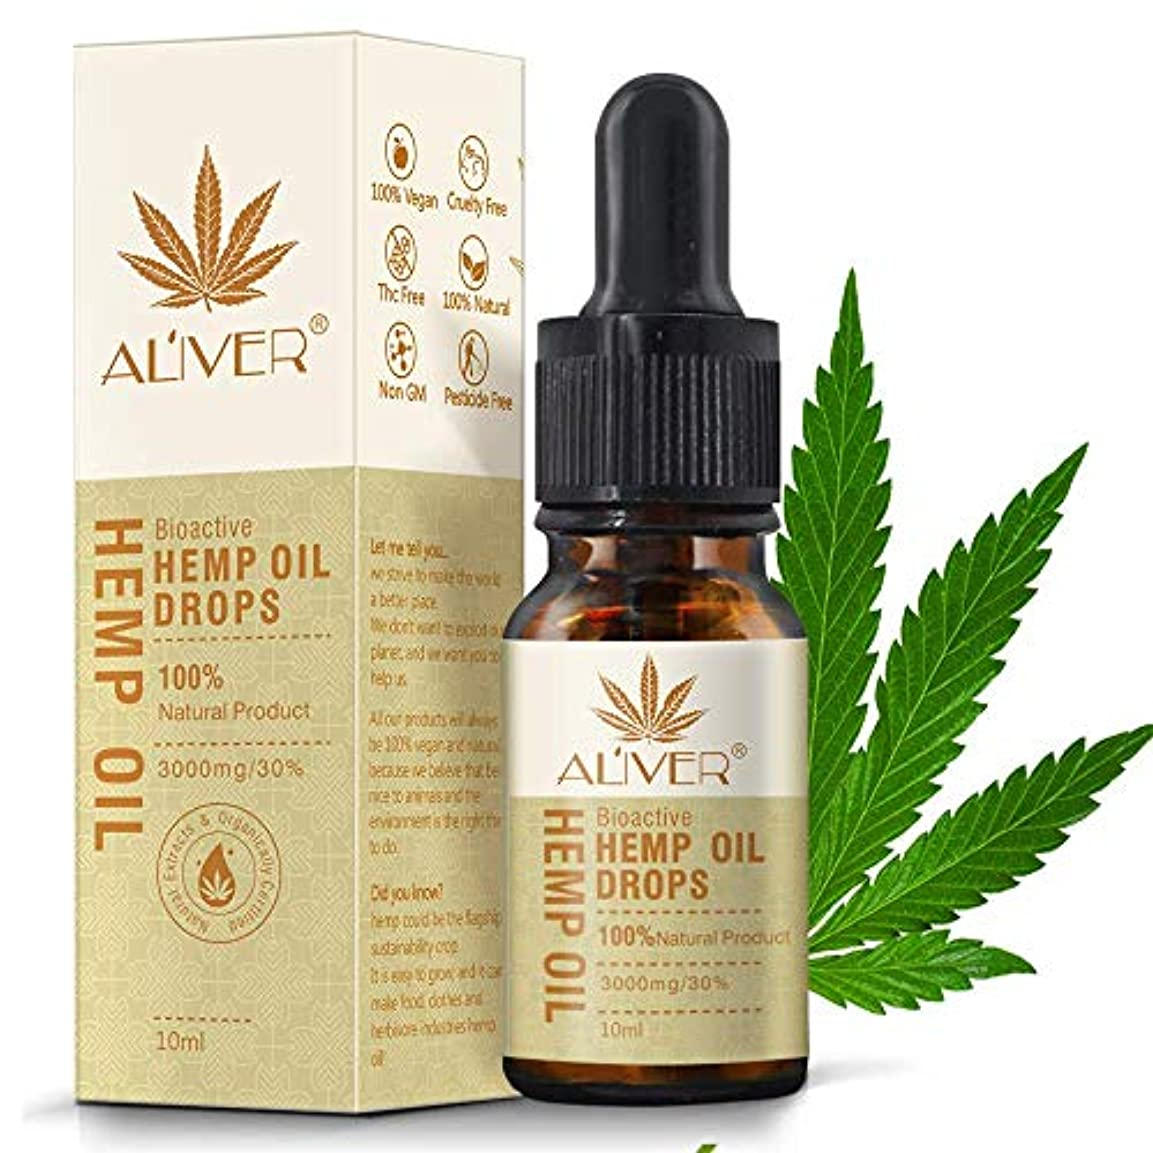 有機麻の実油 ナチュラルオイル 美容液 ストレスを和らげ 睡眠を改善します 鎮痛のための有機麻オイル睡眠補助抗ストレス不安 天然麻エキスが肌と髪に役立ちます 10ml